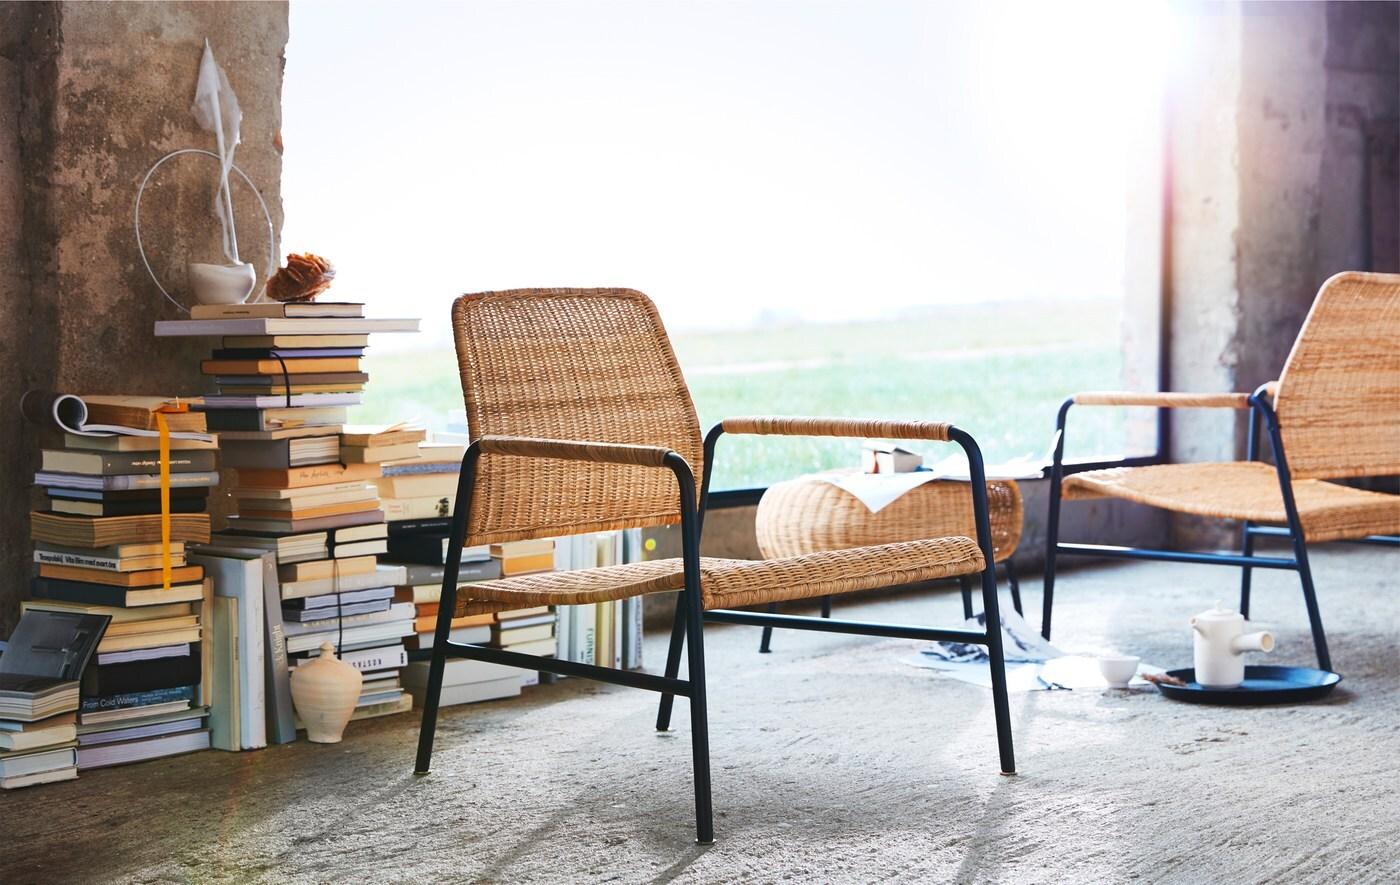 Lien vers le Blogue IDÉES — Trois nouveautés qui mettent en valeur la beauté naturelle du rotin — photo de fauteuils en rotin et en métal ULRIKSBERG, et repose-pieds de la même collection.